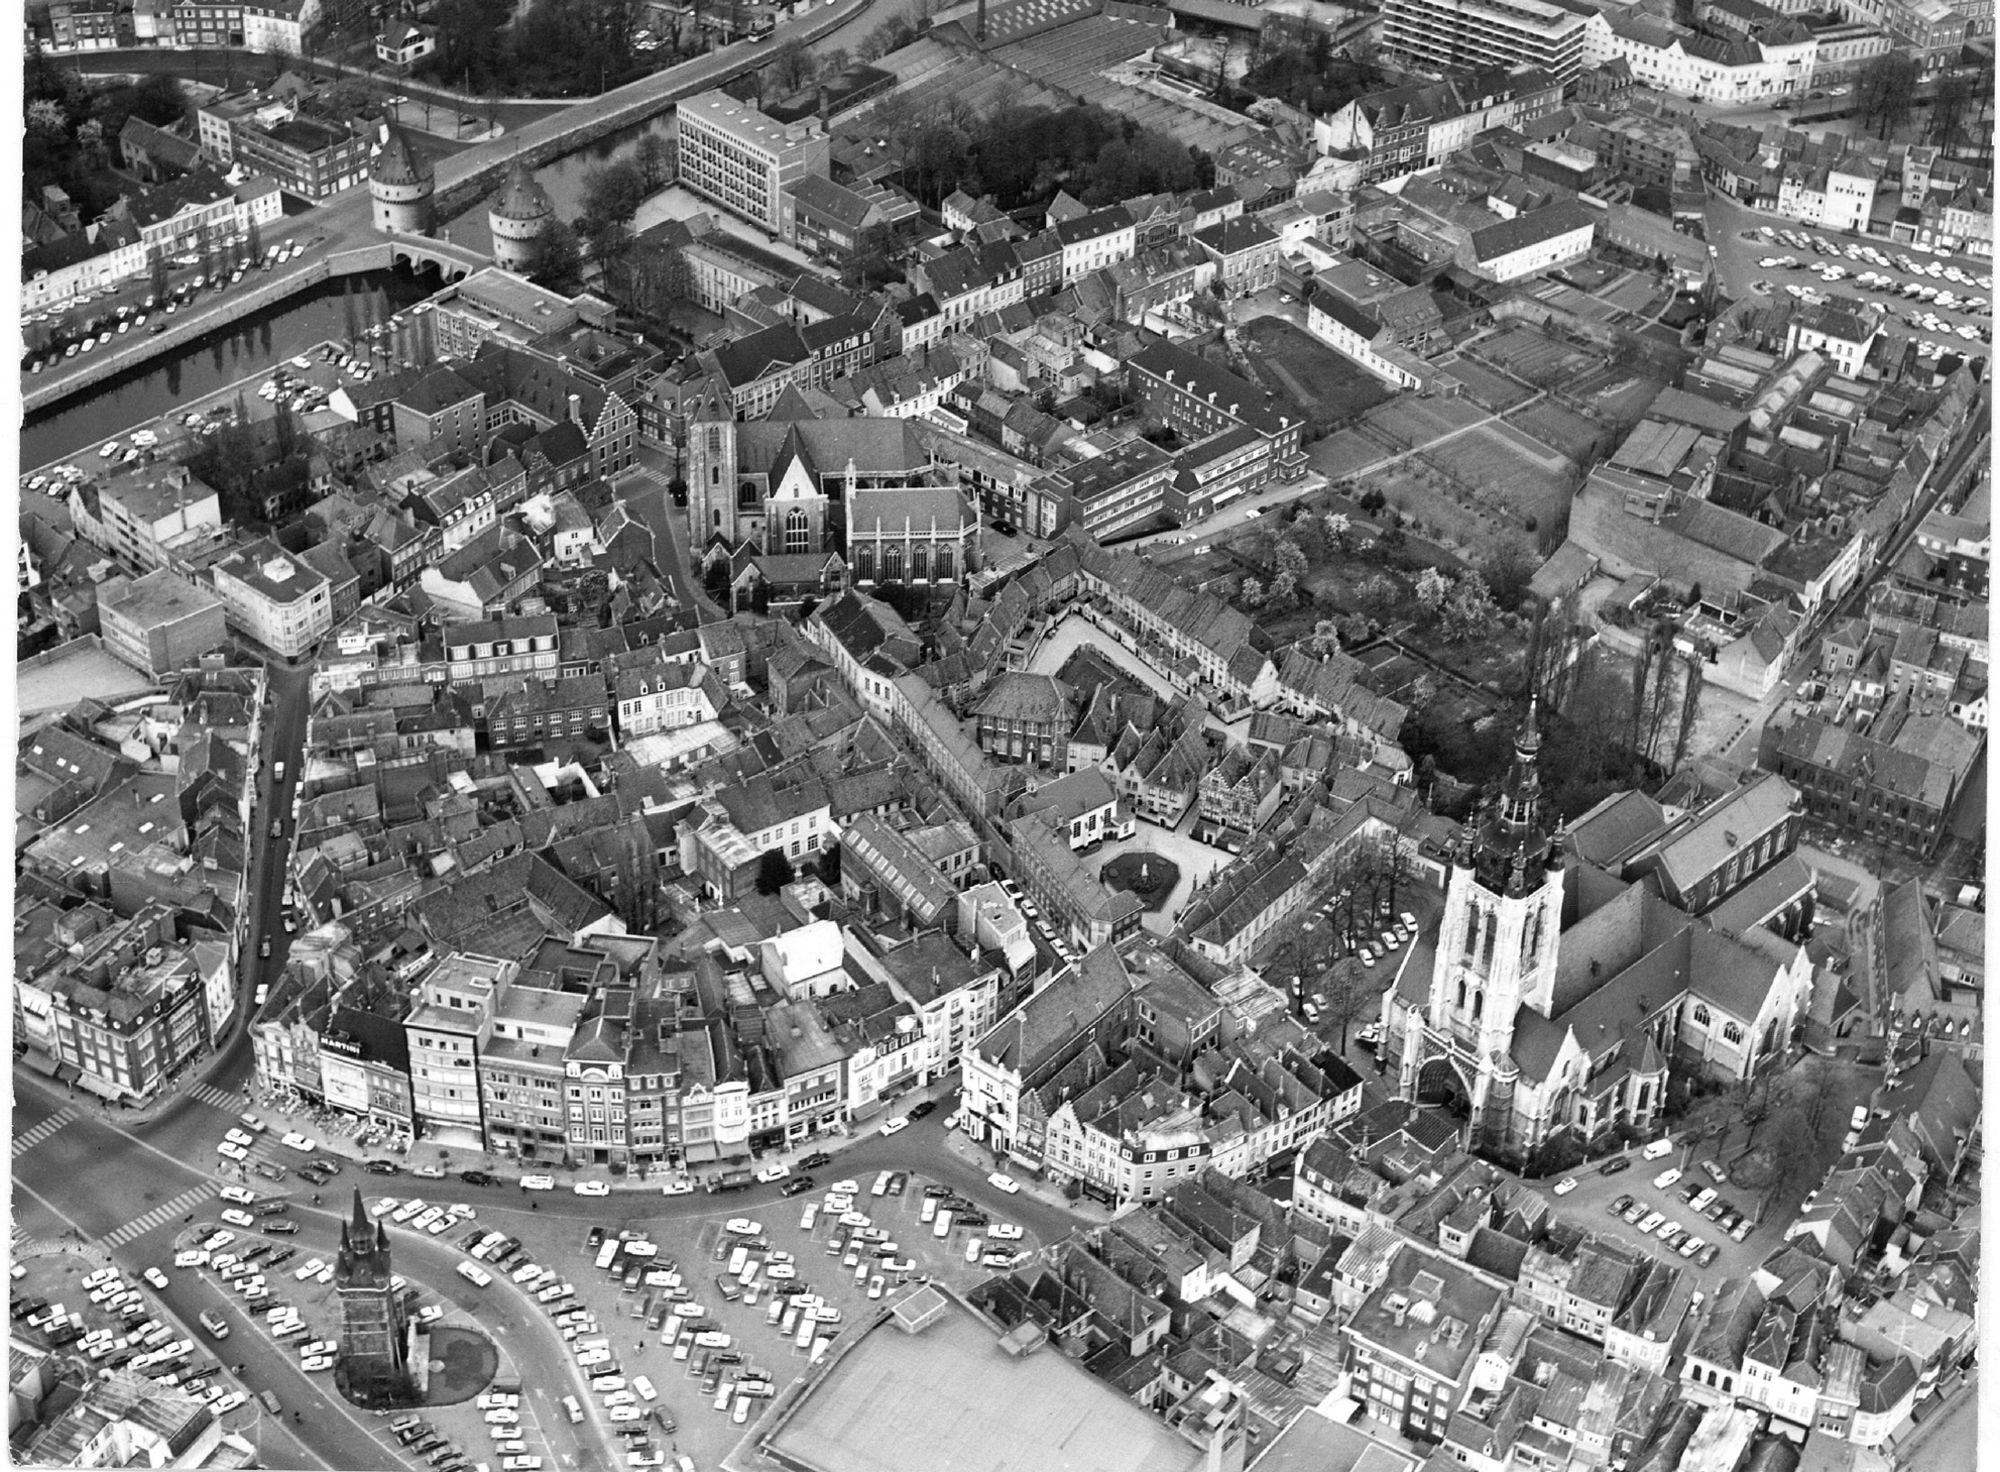 Luchtfoto van het centrum van Kortrijk in het jaar 1970